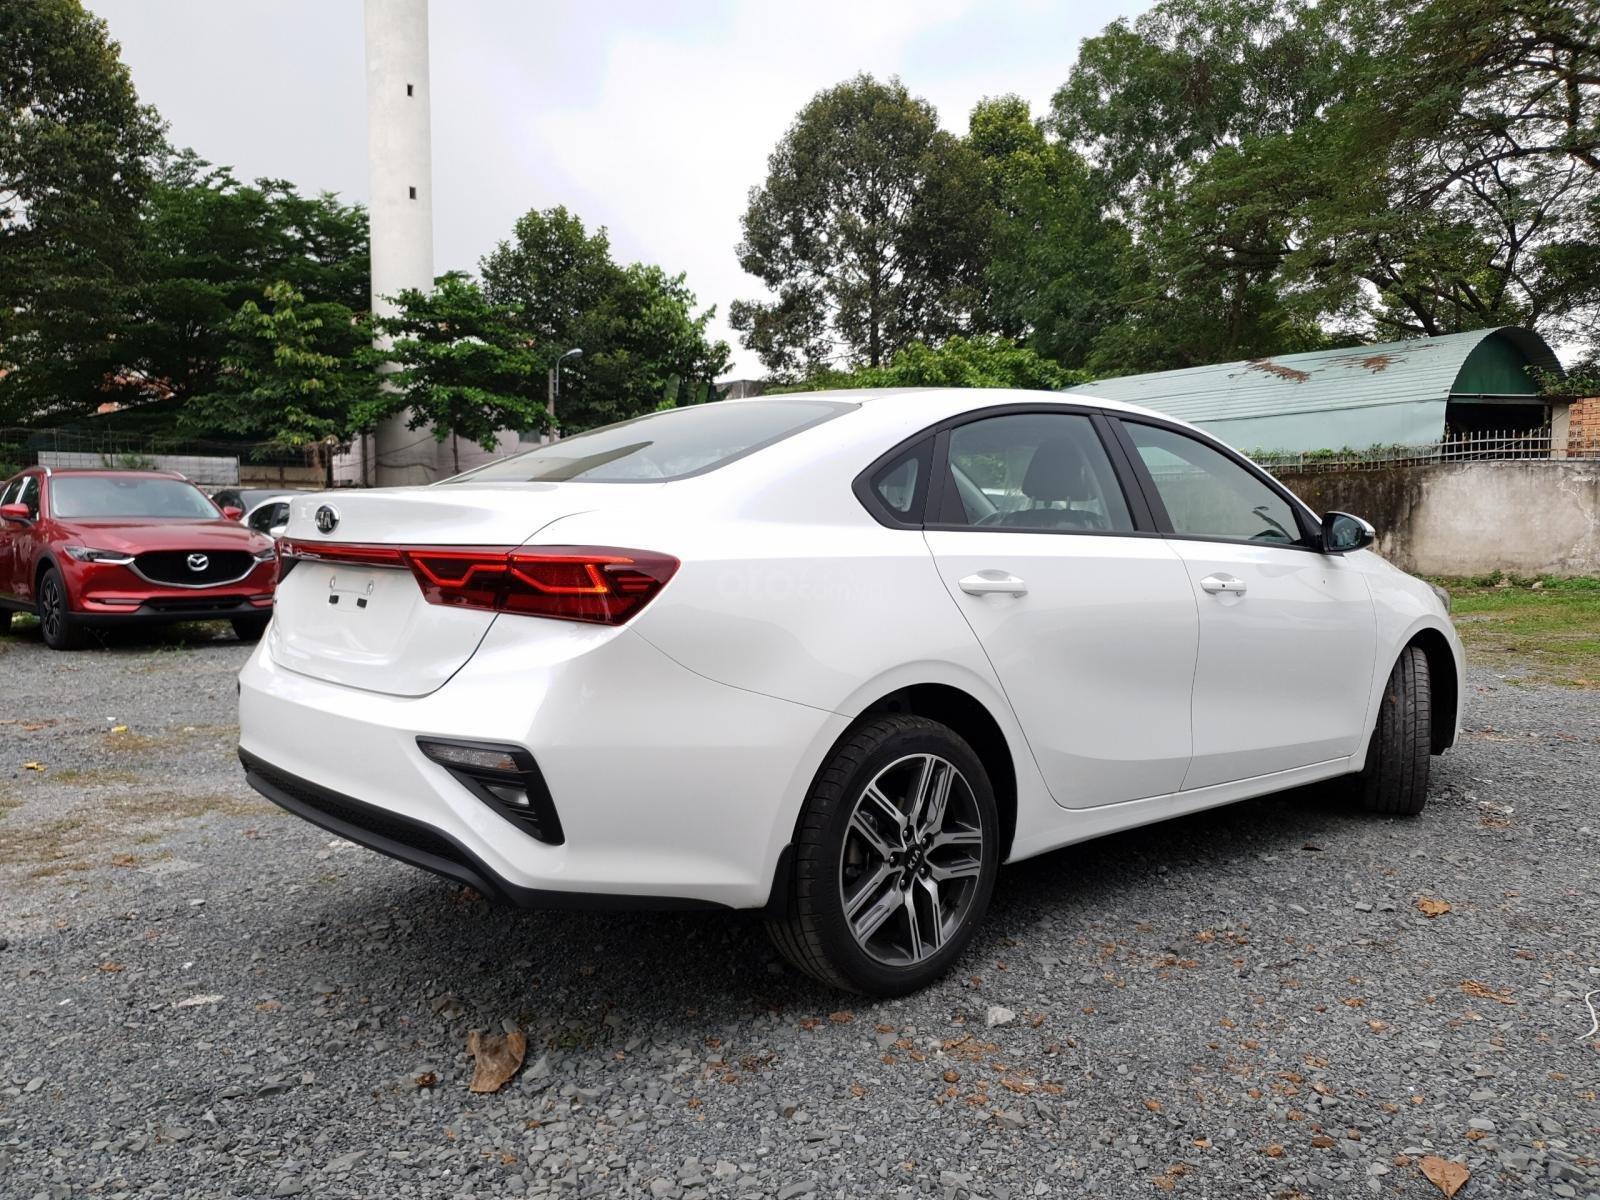 Bán Kia Cerato All New 2019 hỗ trợ vay đến 85%, đủ màu giao xe liền tay-5